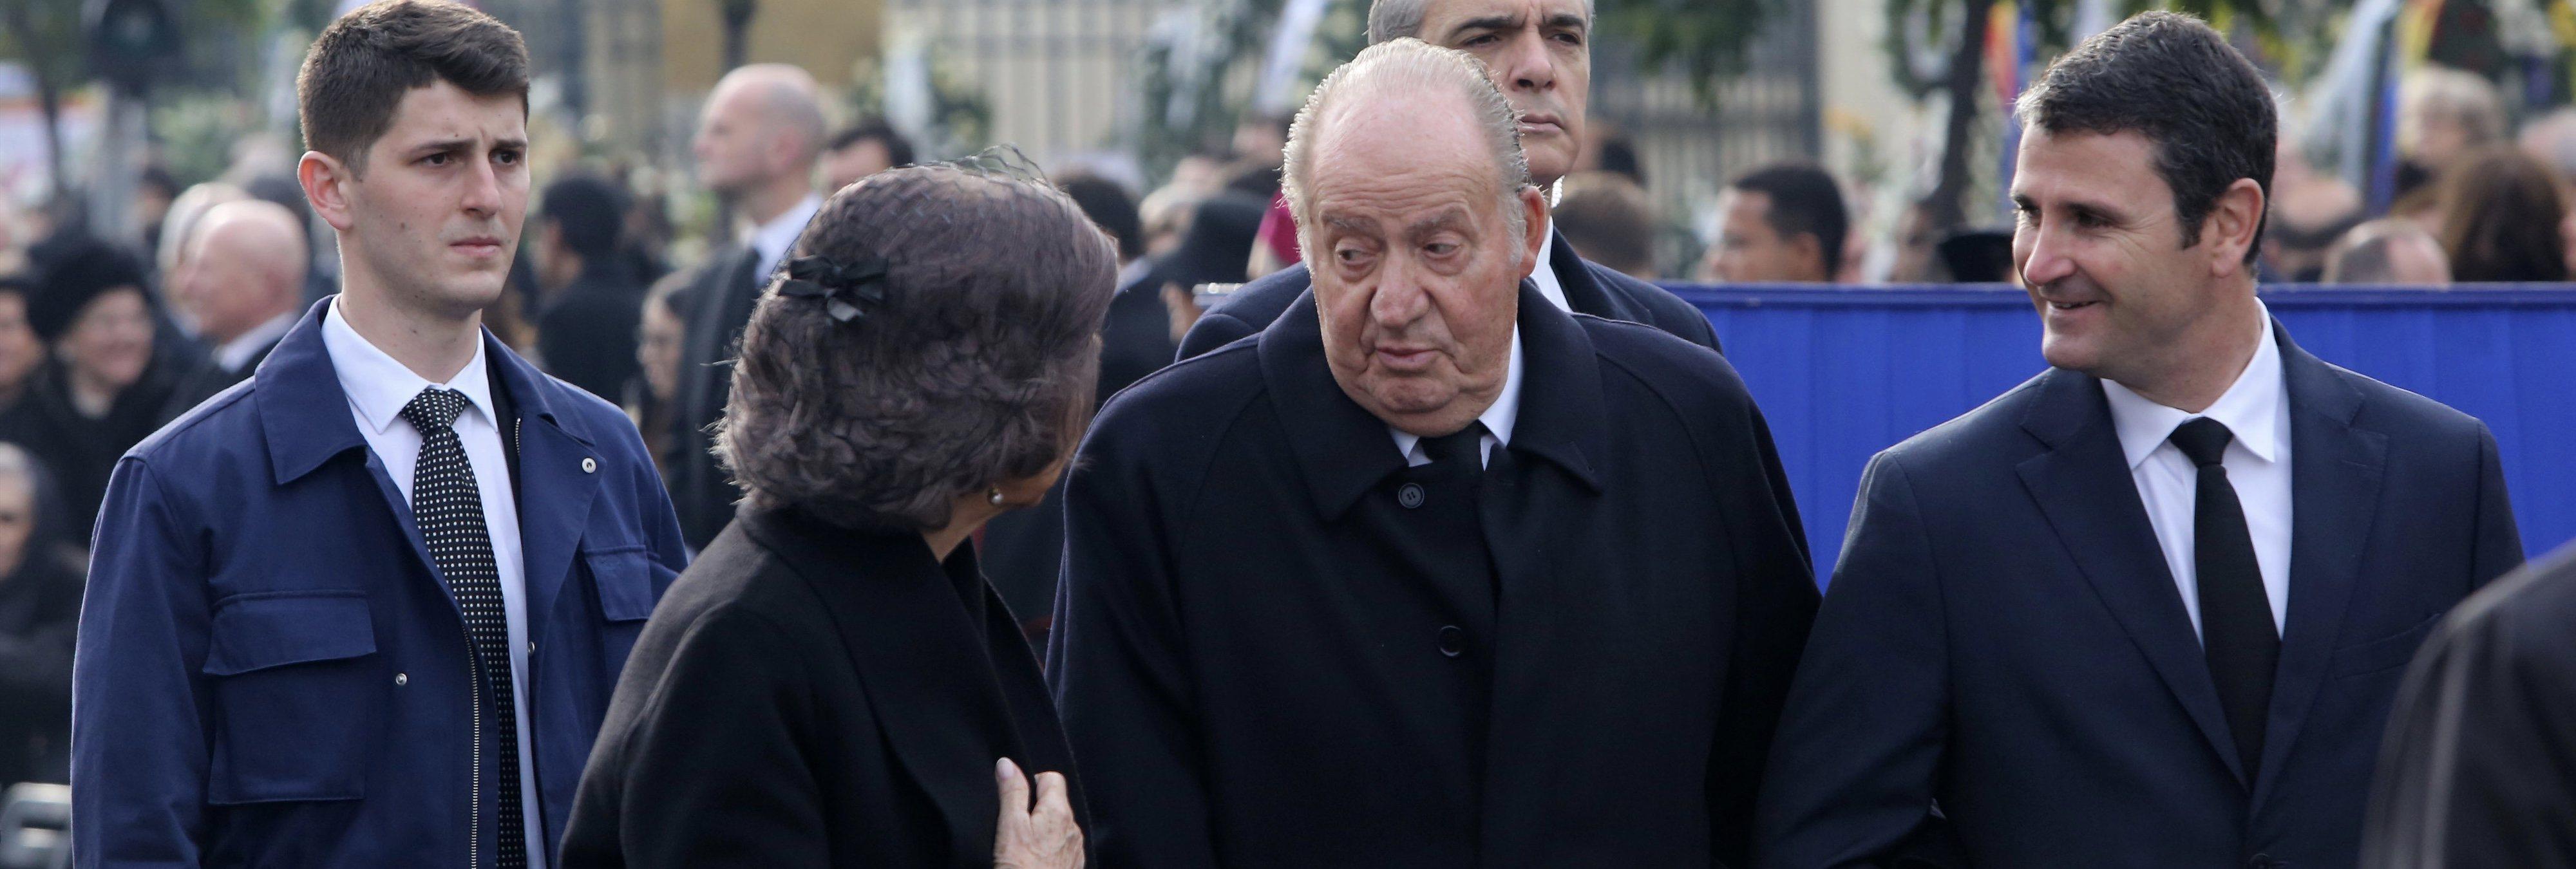 Una revista francesa desvela el 'Dossier Negro' de Juan Carlos: estas son todas sus amantes